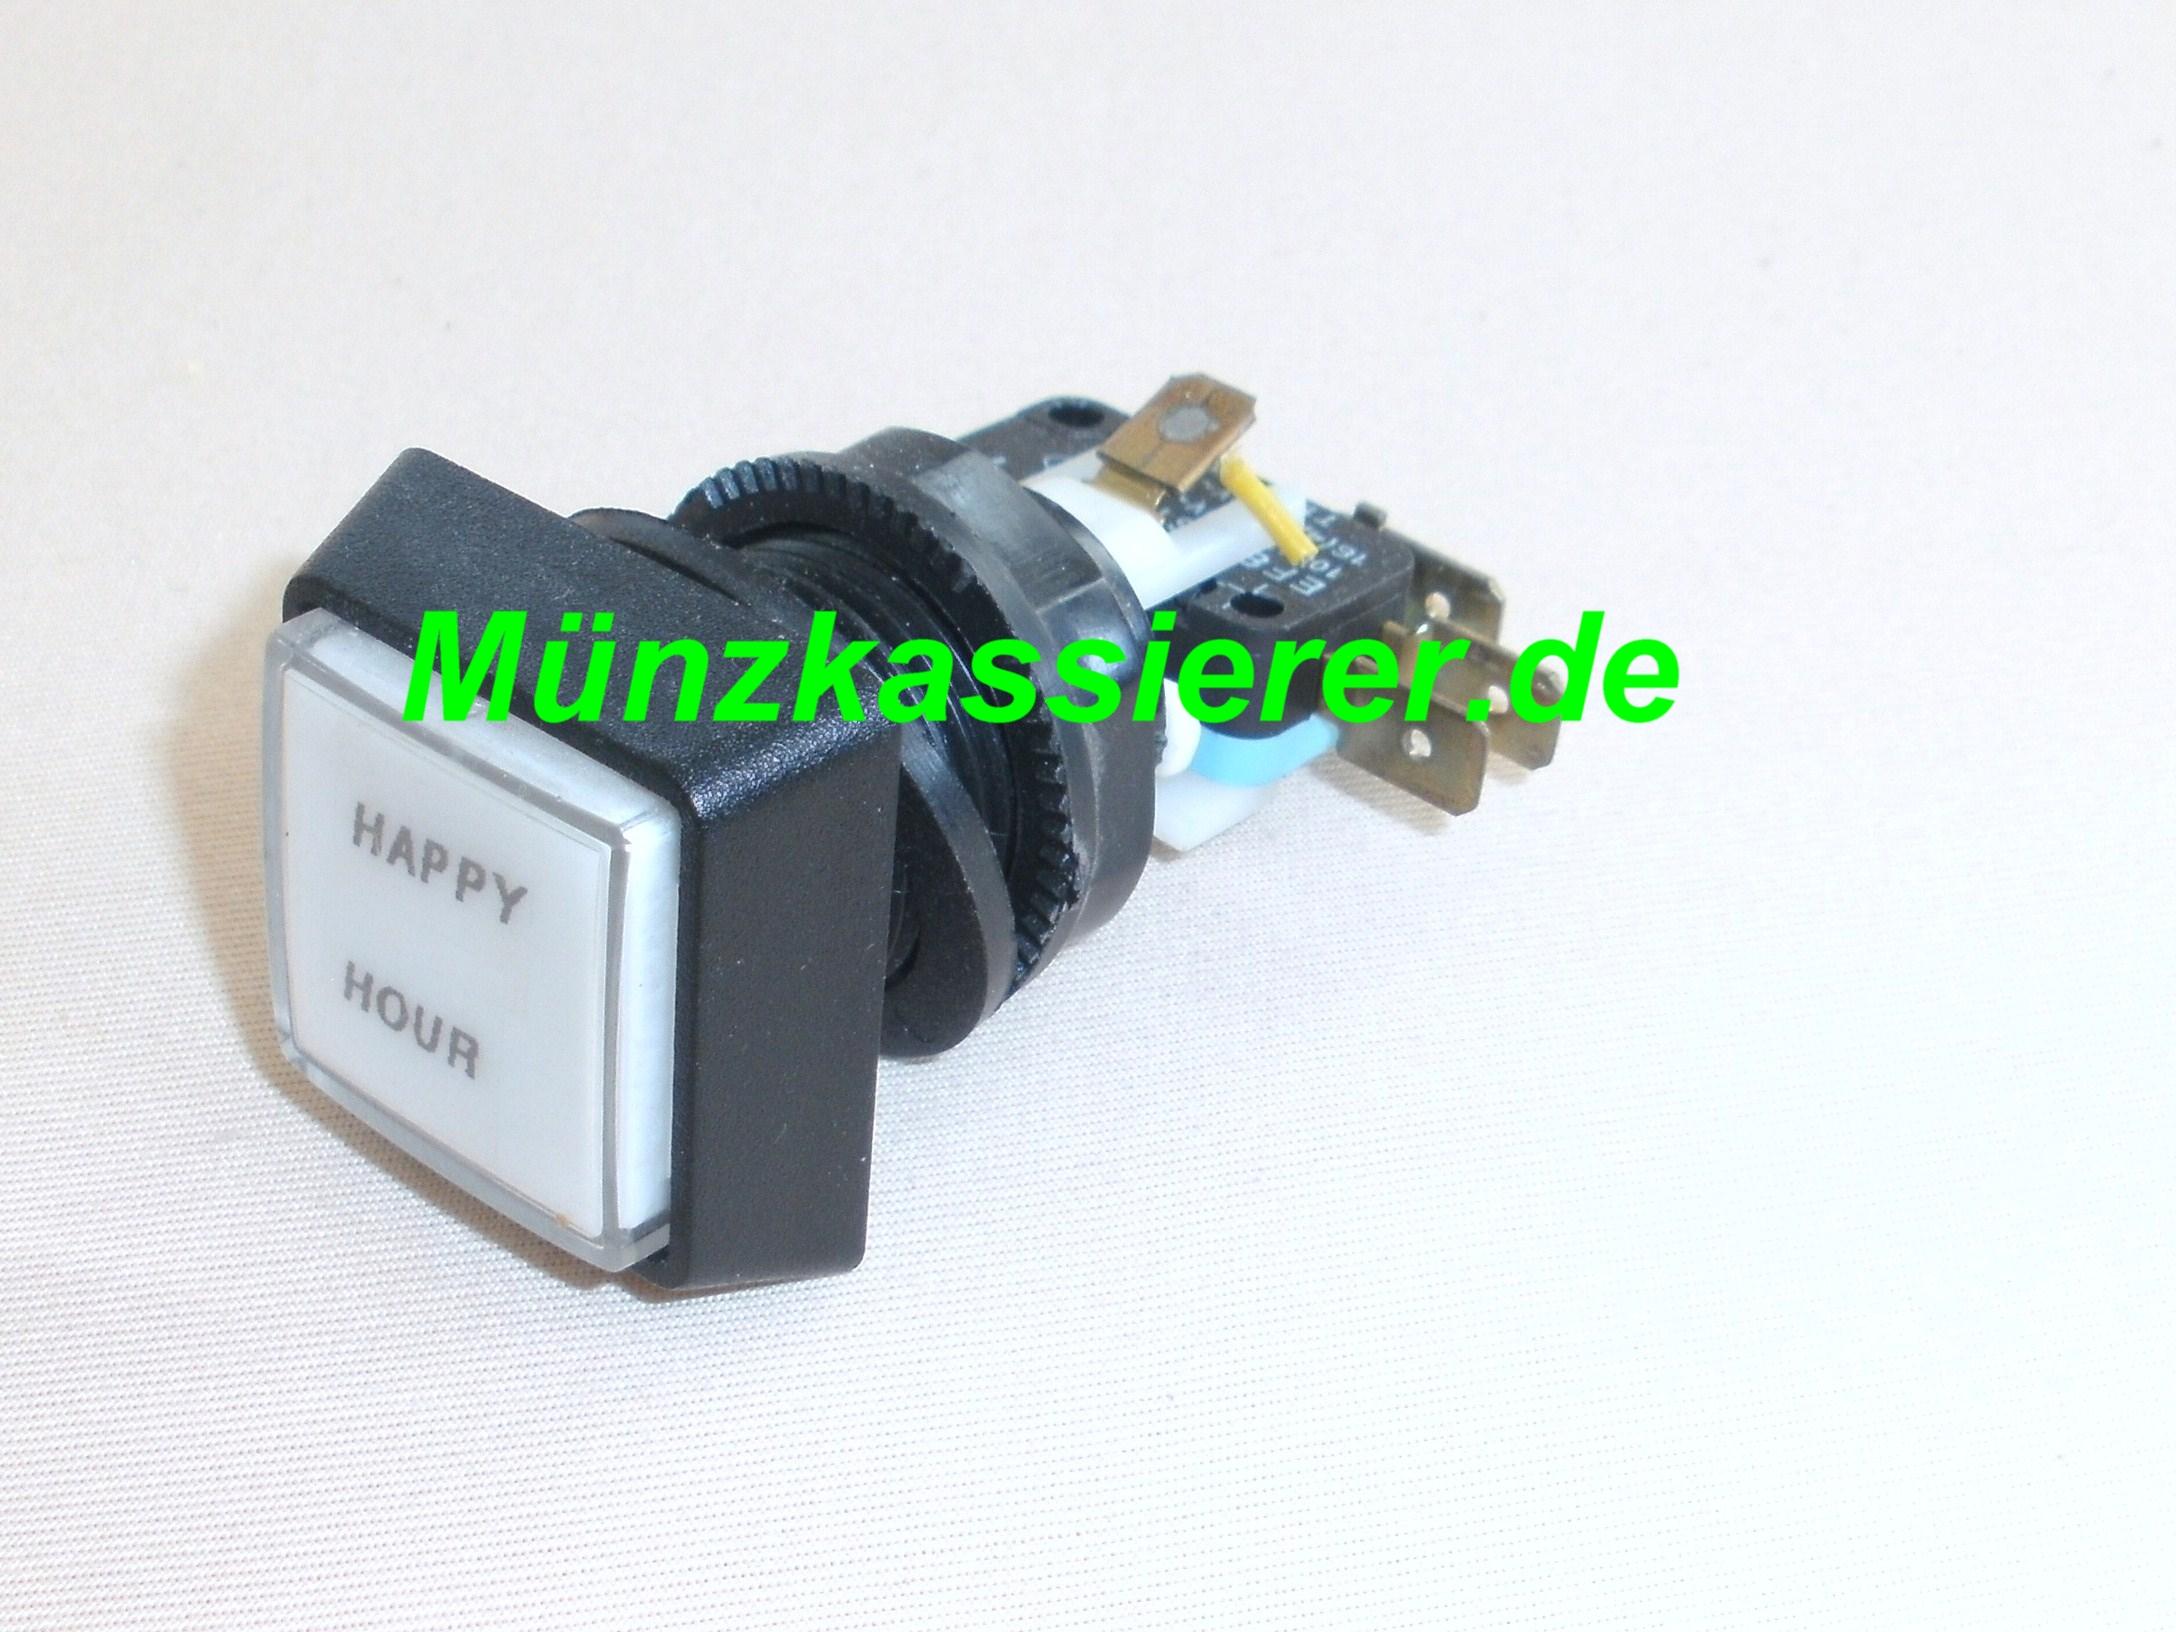 Münzkassierer.de Münzautomaten.com SI Steuerung SI Elektronik Schalter HAPPY HOUR Druckschalter Weiß